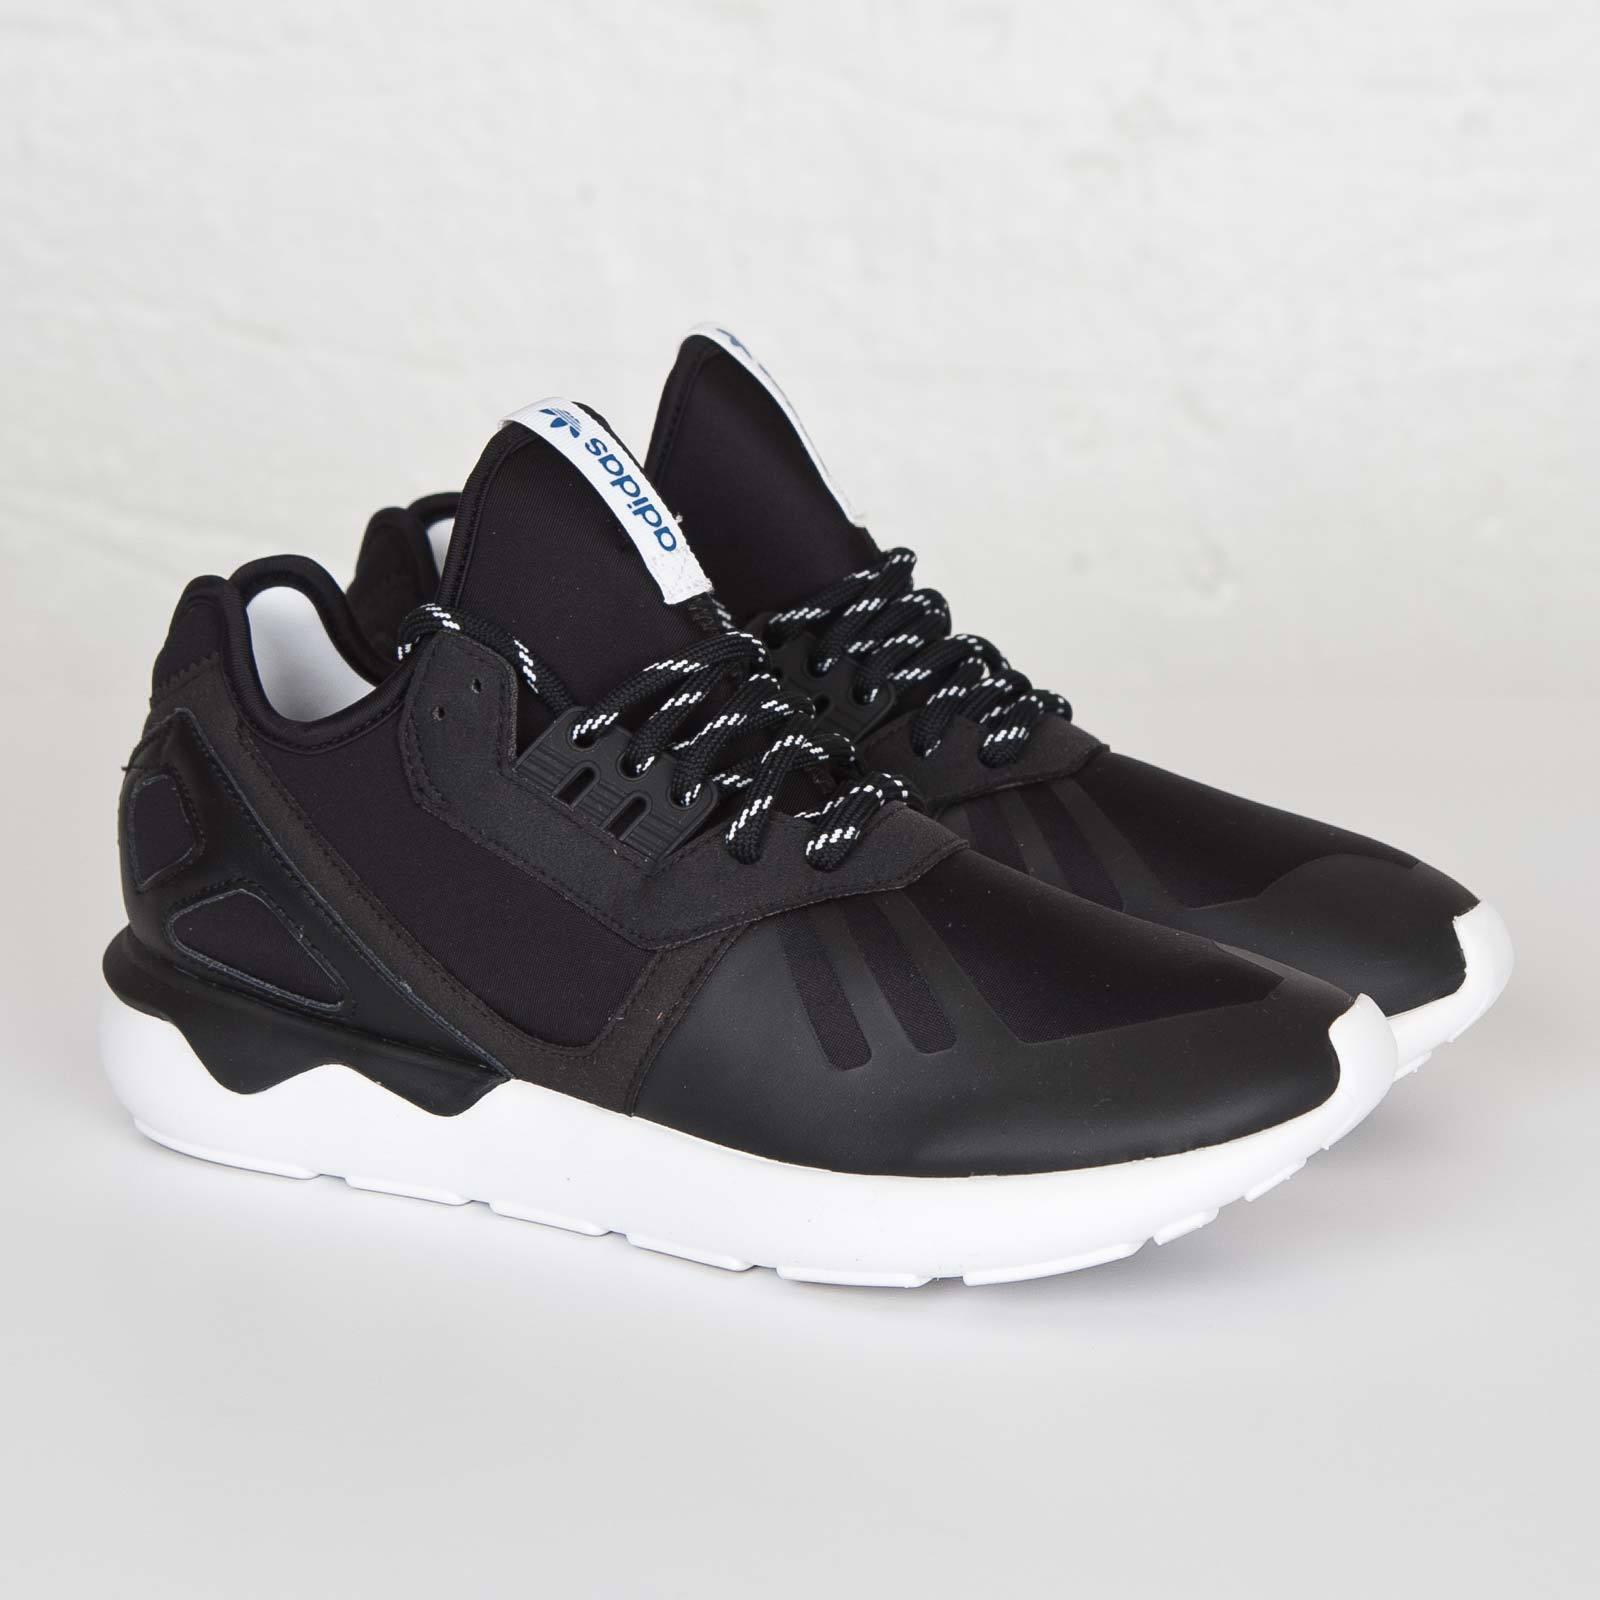 adidas Originals Tubular Runner Black Scarpe da uomo classiche economiche e belle